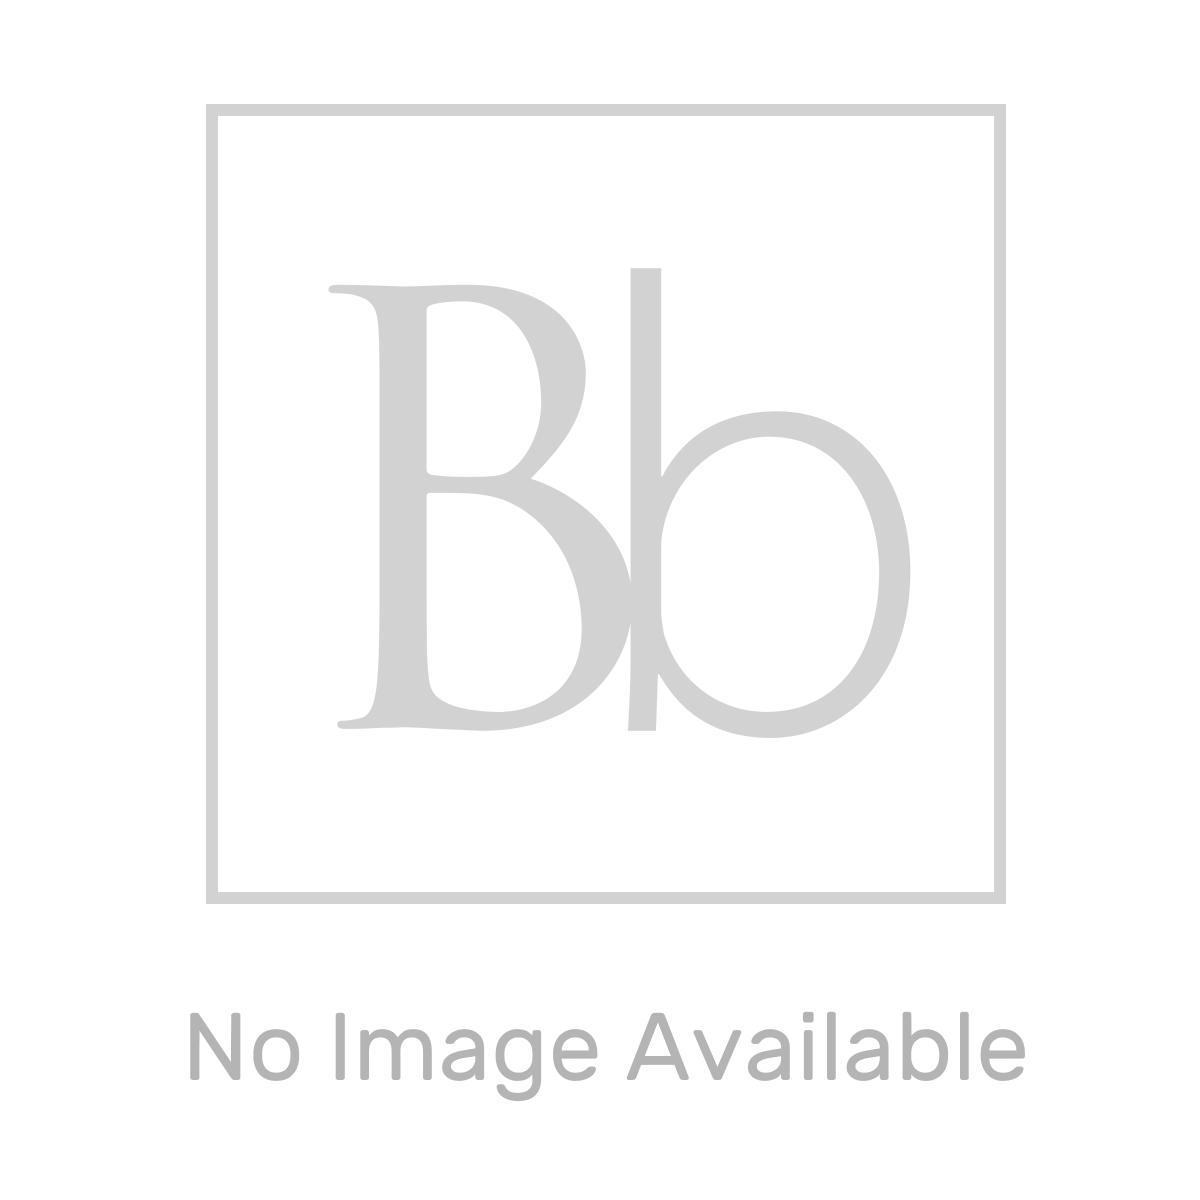 Nuie Athena Grey Avola 2 Door Floor Standing Vanity Unit with 18mm Profile Basin 500mm